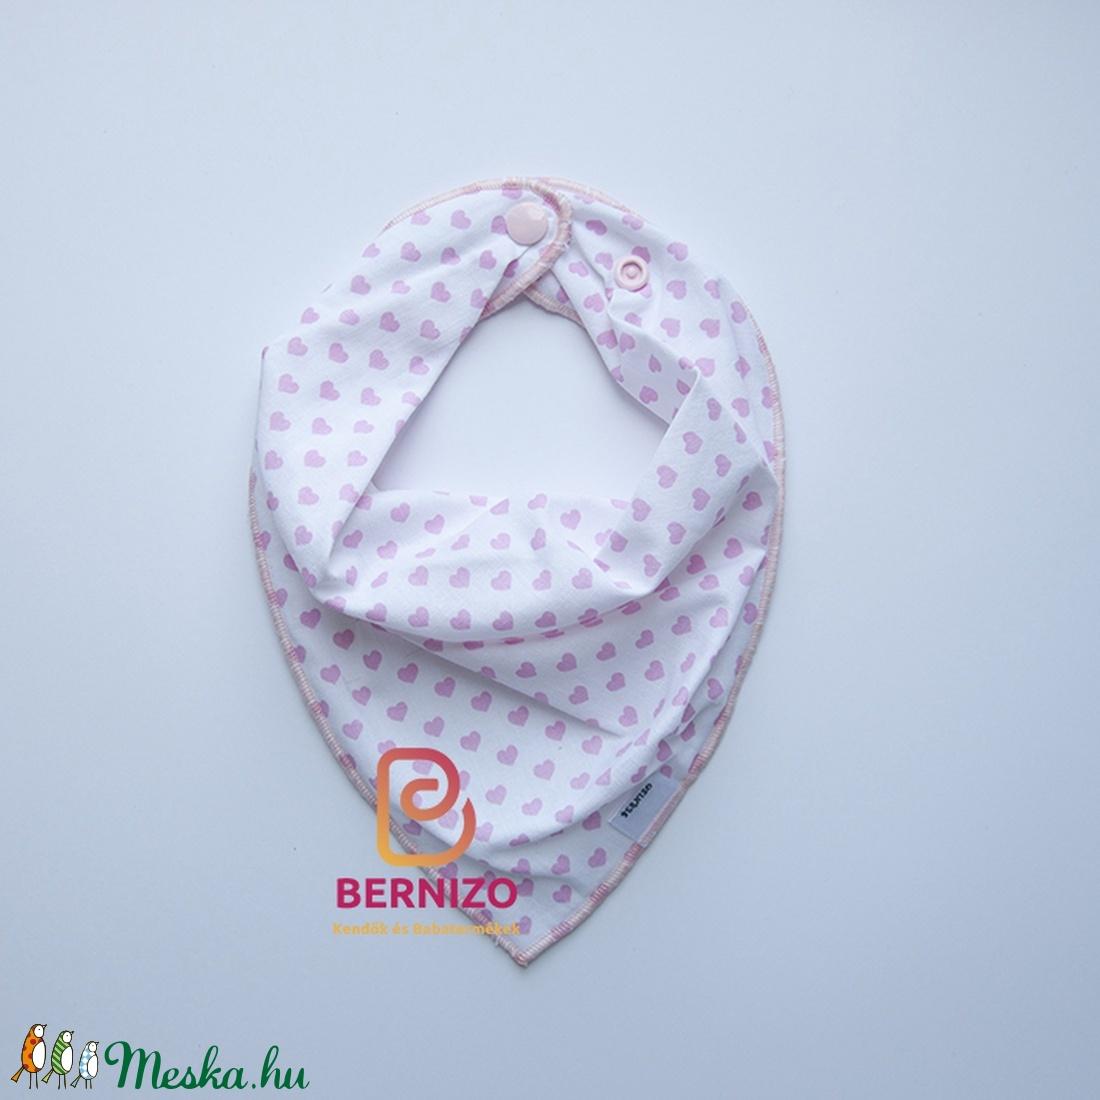 Fehér alapon rózsaszín szíves nyálkendő/babakendő (Bernizo) - Meska.hu